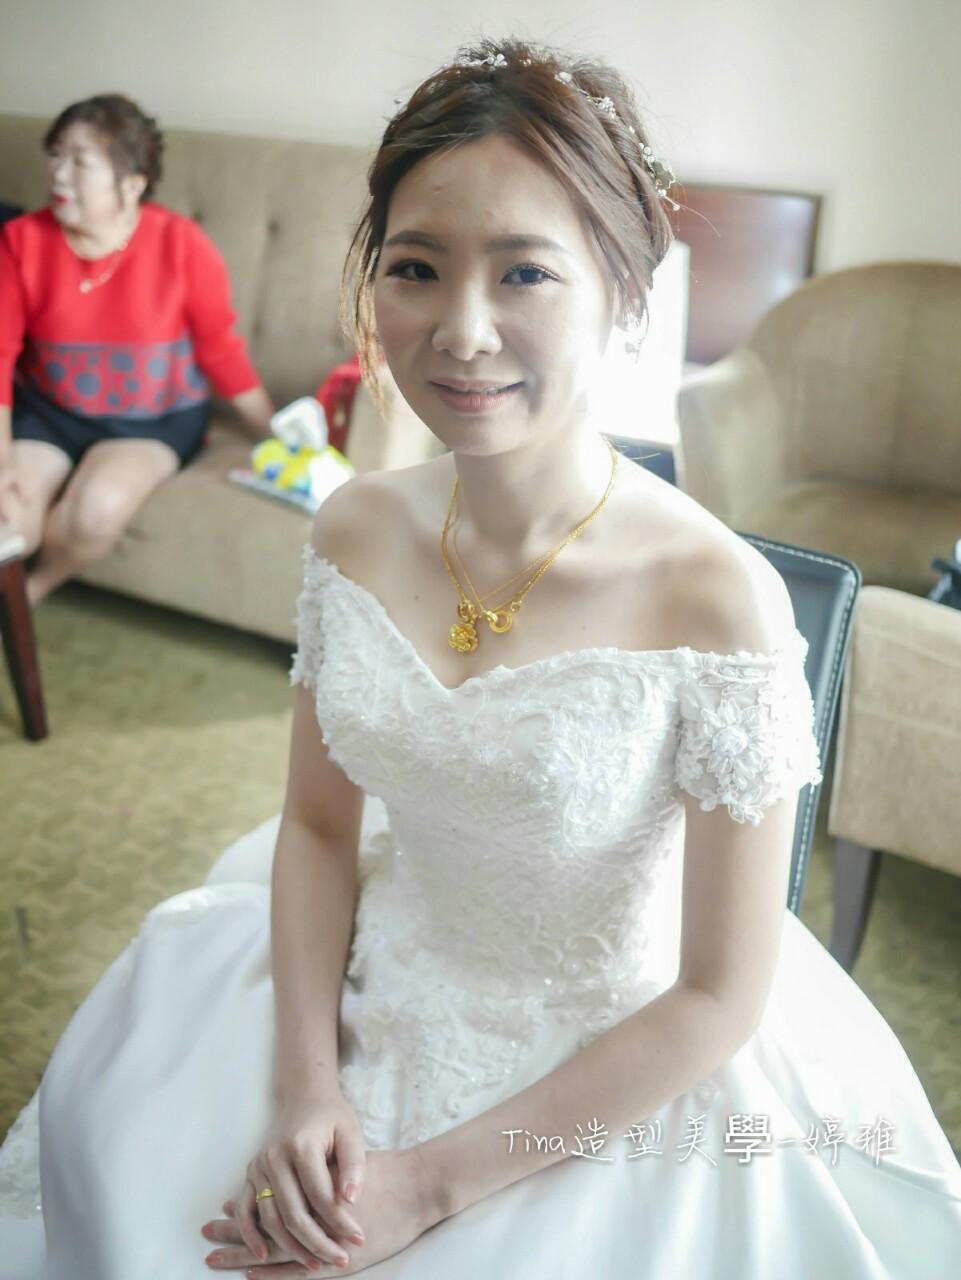 201941_190401_0005 - 雲林新秘/嘉義新娘秘書/Tina造型美學《結婚吧》